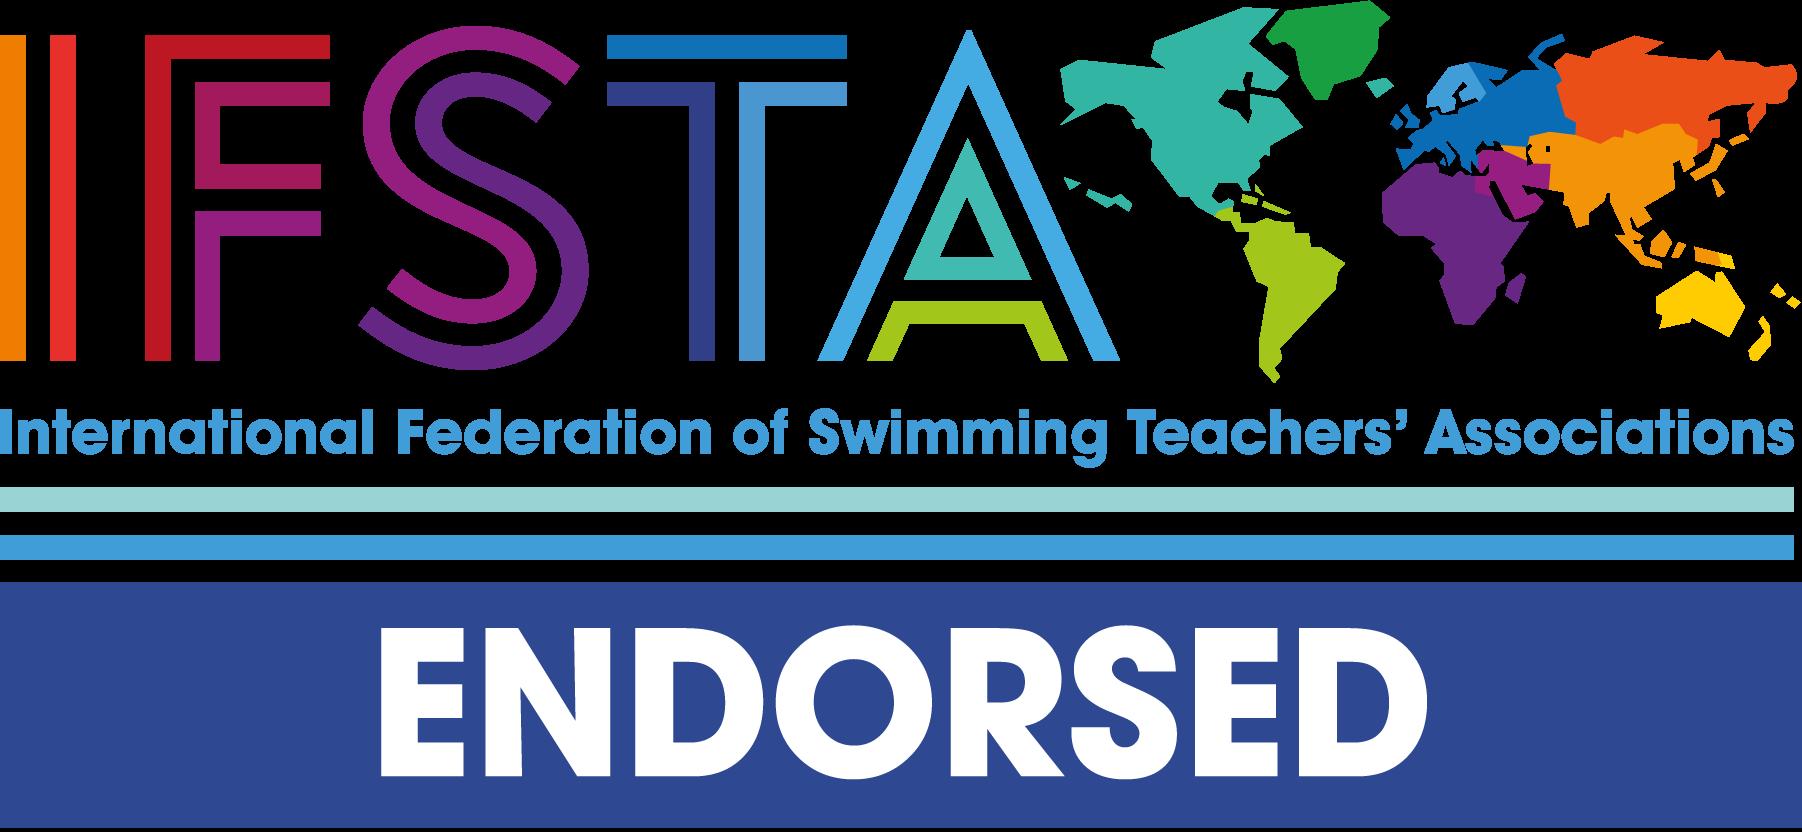 IFSTA Endorsed